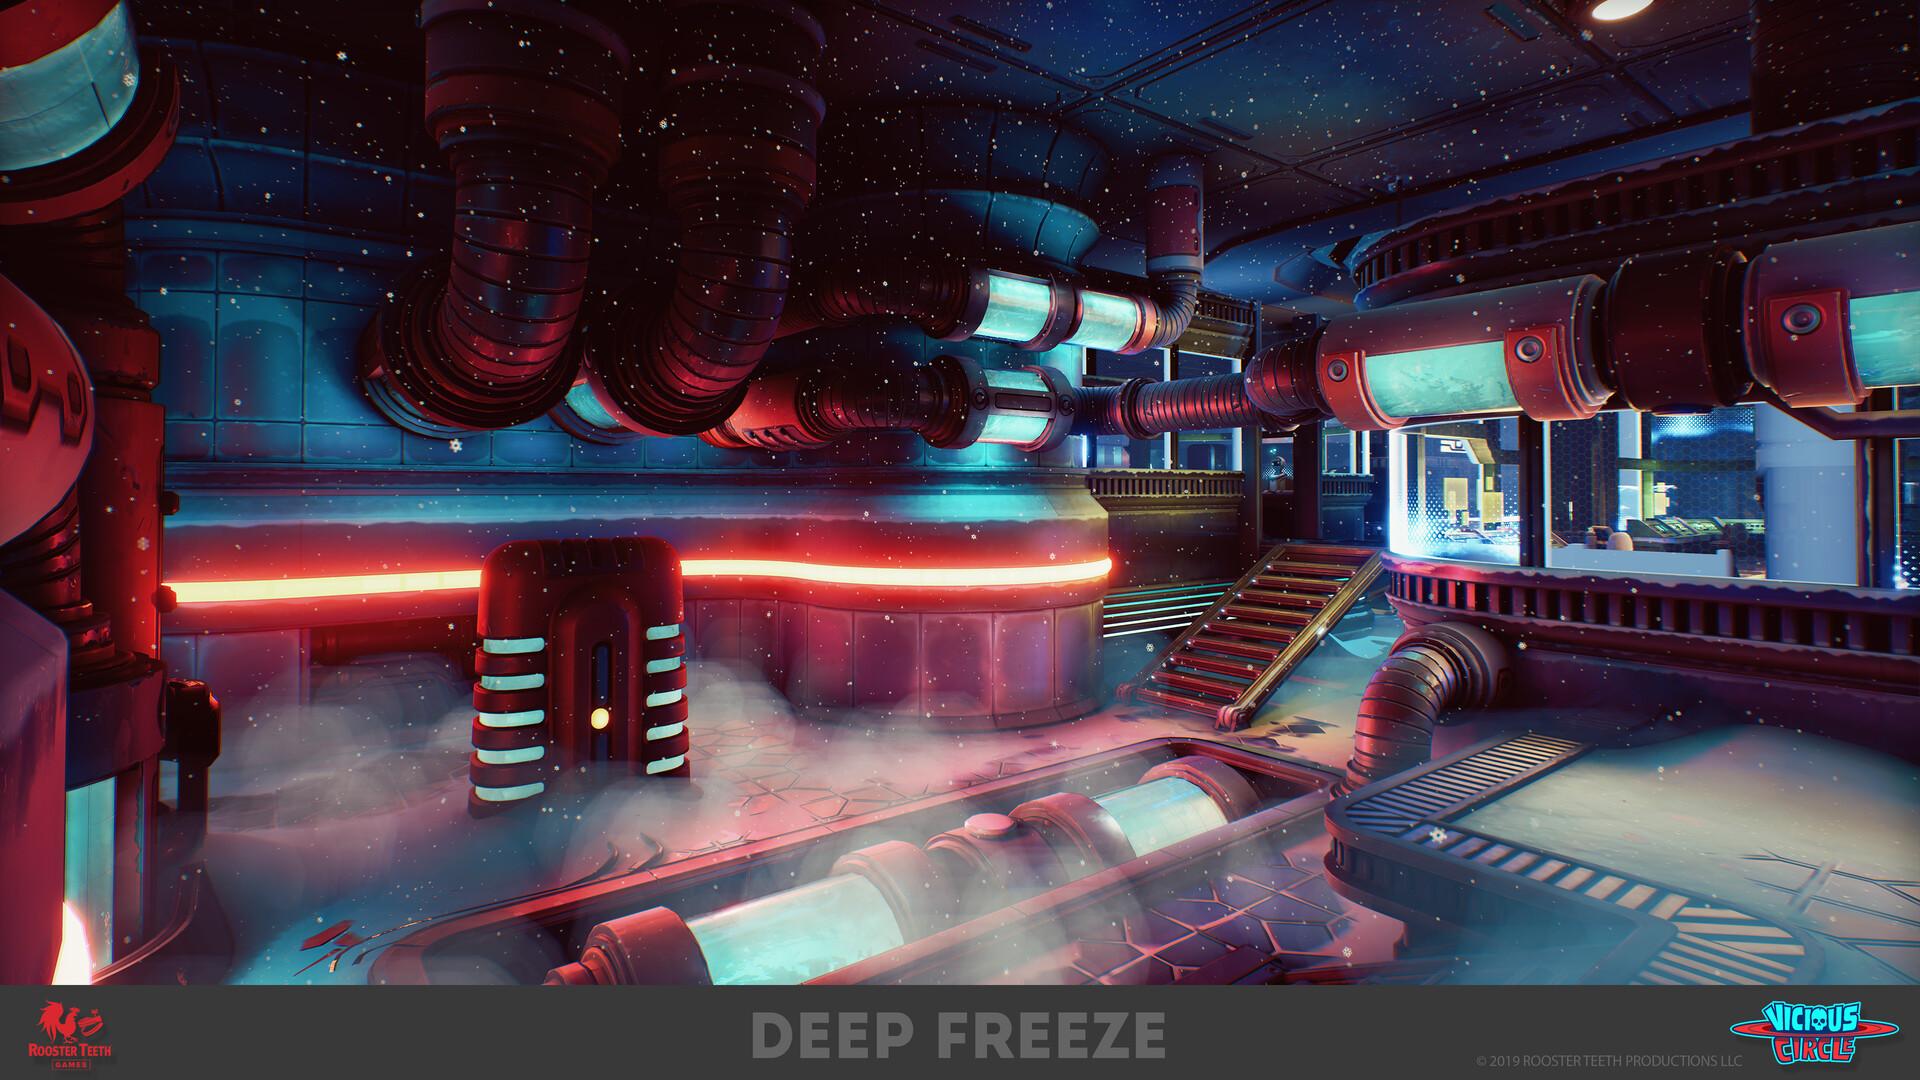 Markel milanes deep freeze renders 01